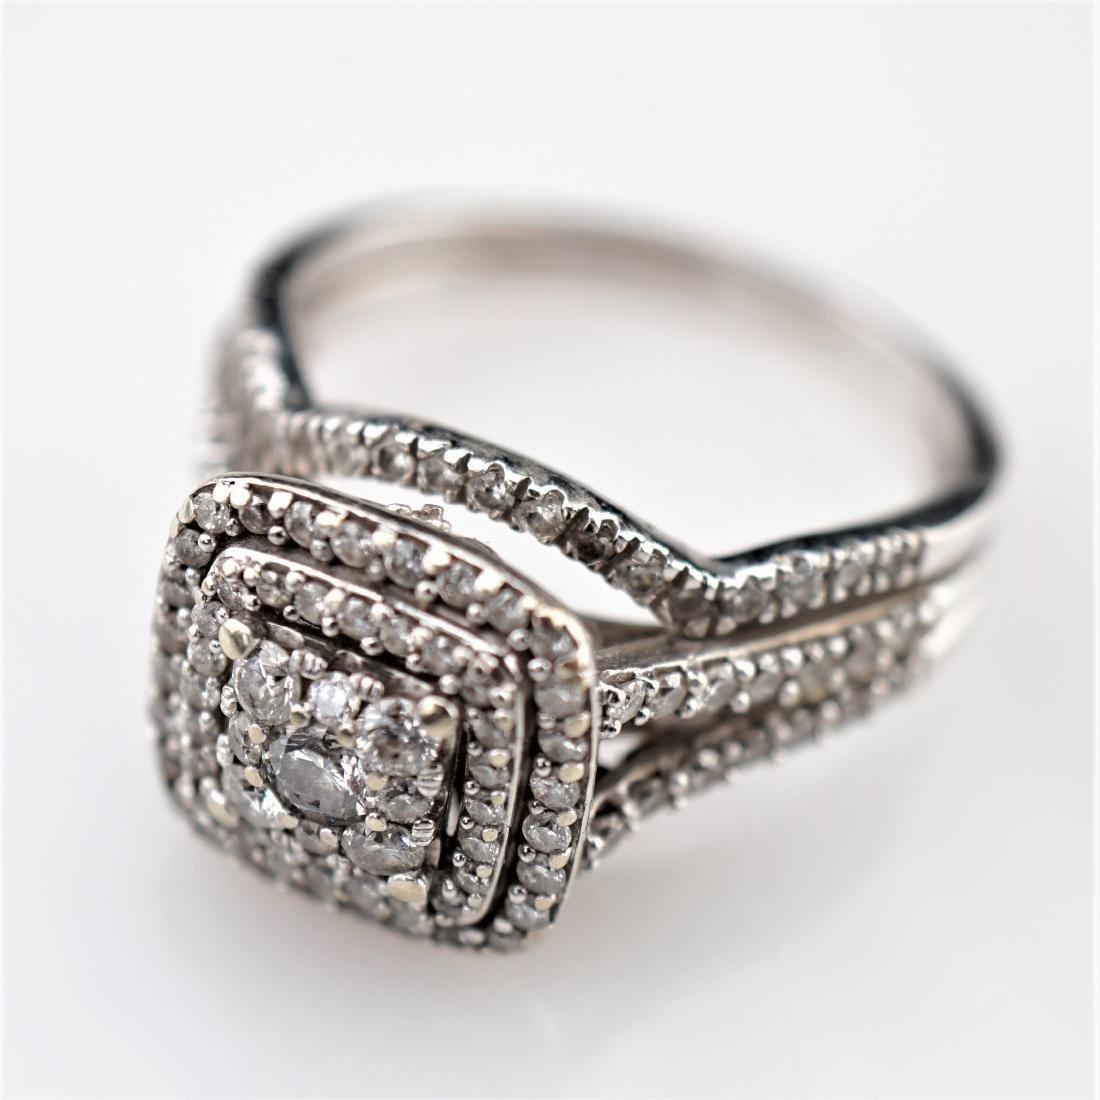 14k WG 2CTTW White Diamond Ring sz 7.5